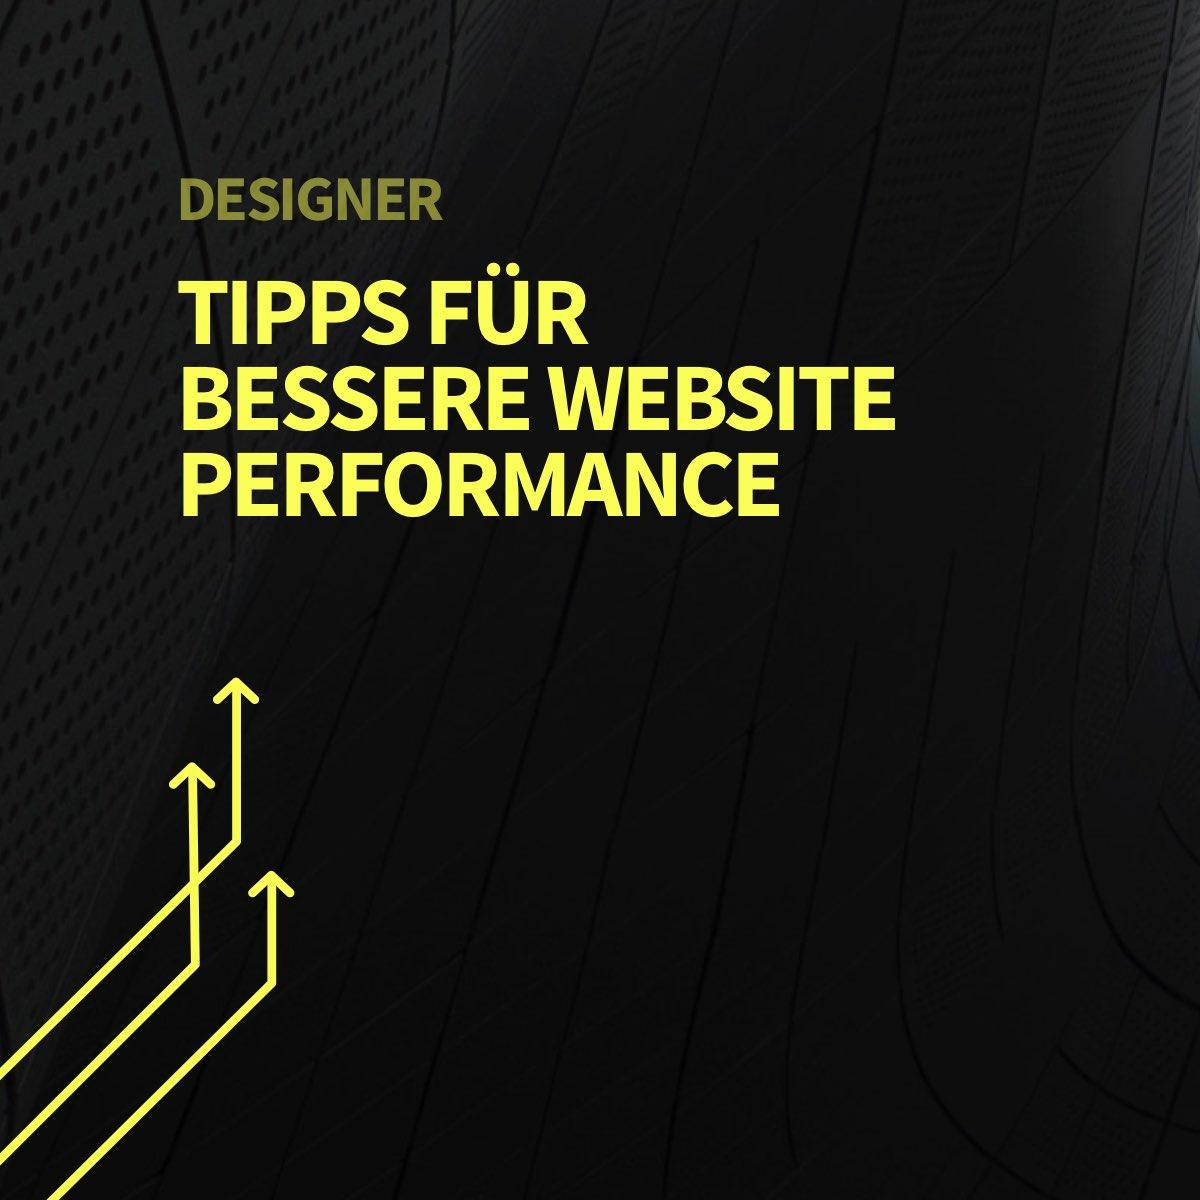 Haben UI/UX Designer Einfluss auf die Performance einer Website?